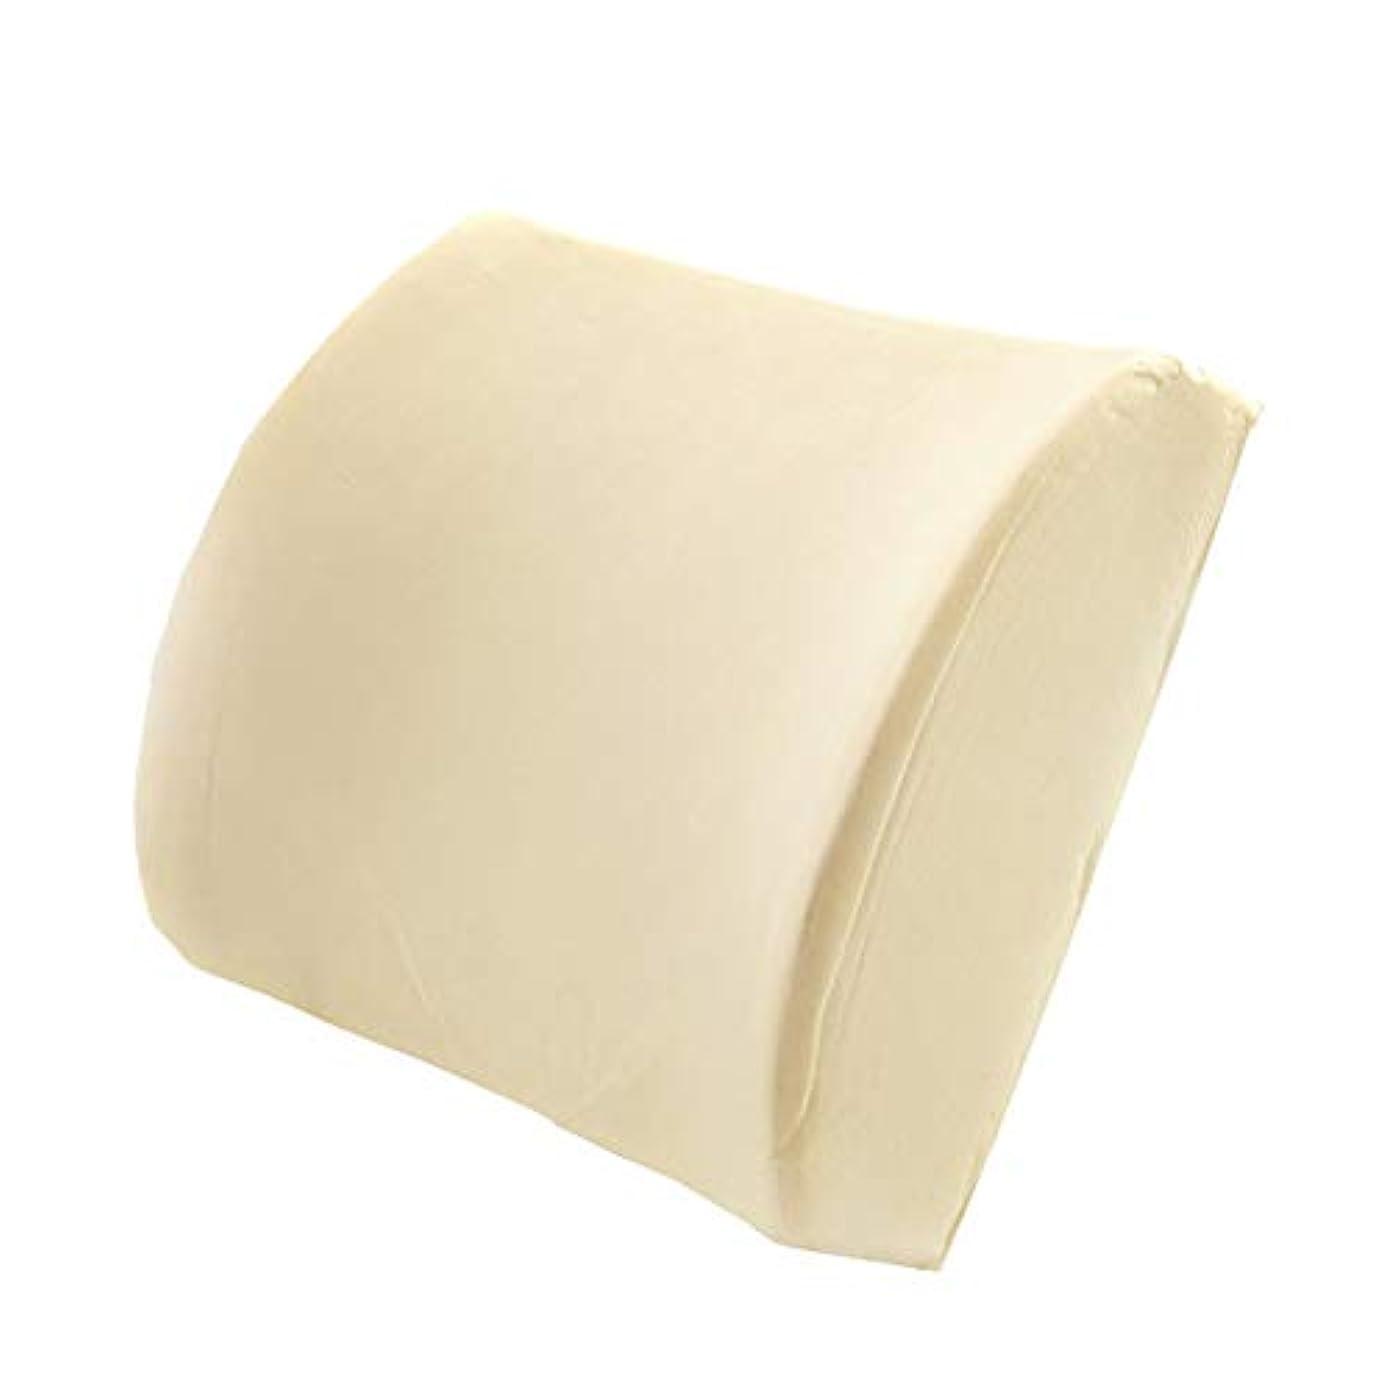 自慢生産性誘惑サポート腰椎枕スペースメモリ綿腰椎腰肥厚オフィスクッションカーウエスト枕